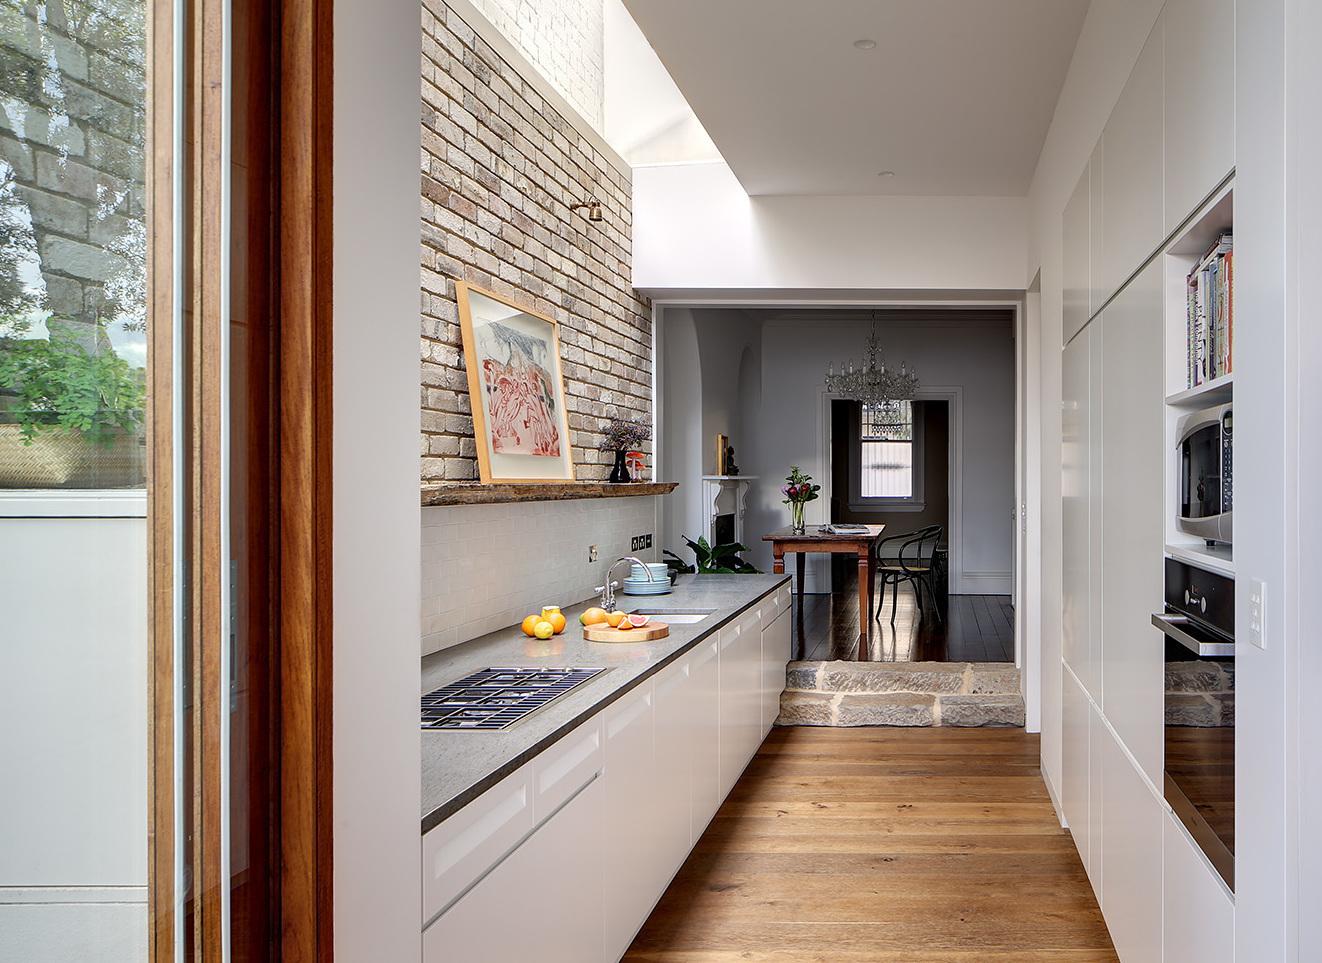 Перенос кухни в коридор: достоинства и недостатки перепланировки